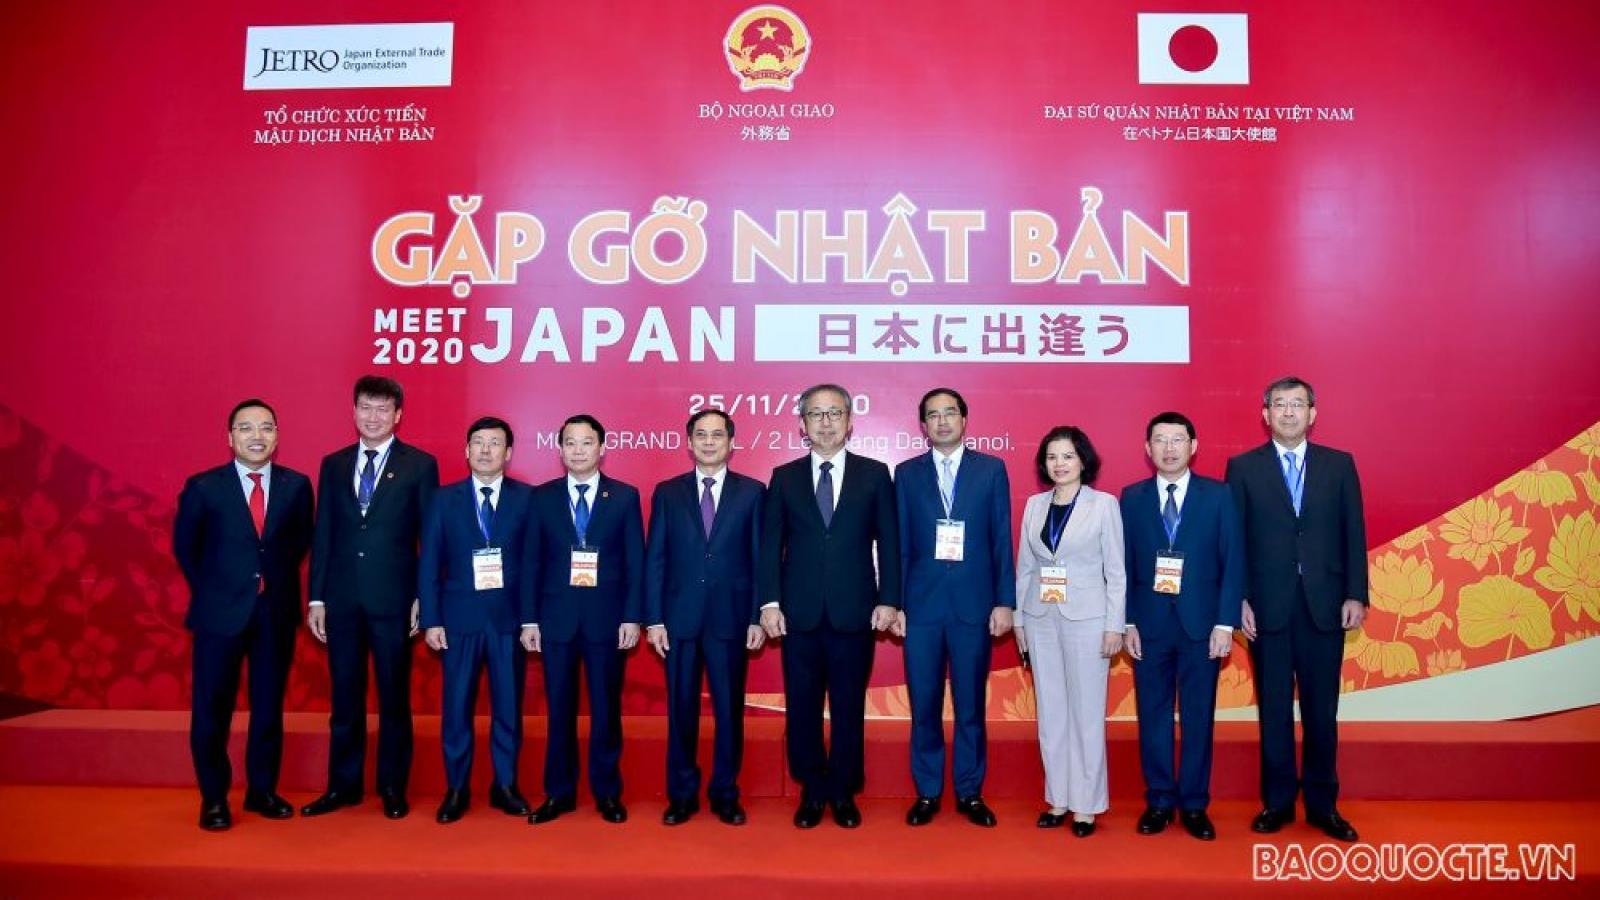 'Meet Japan 2020' offers development chance for Vietnam